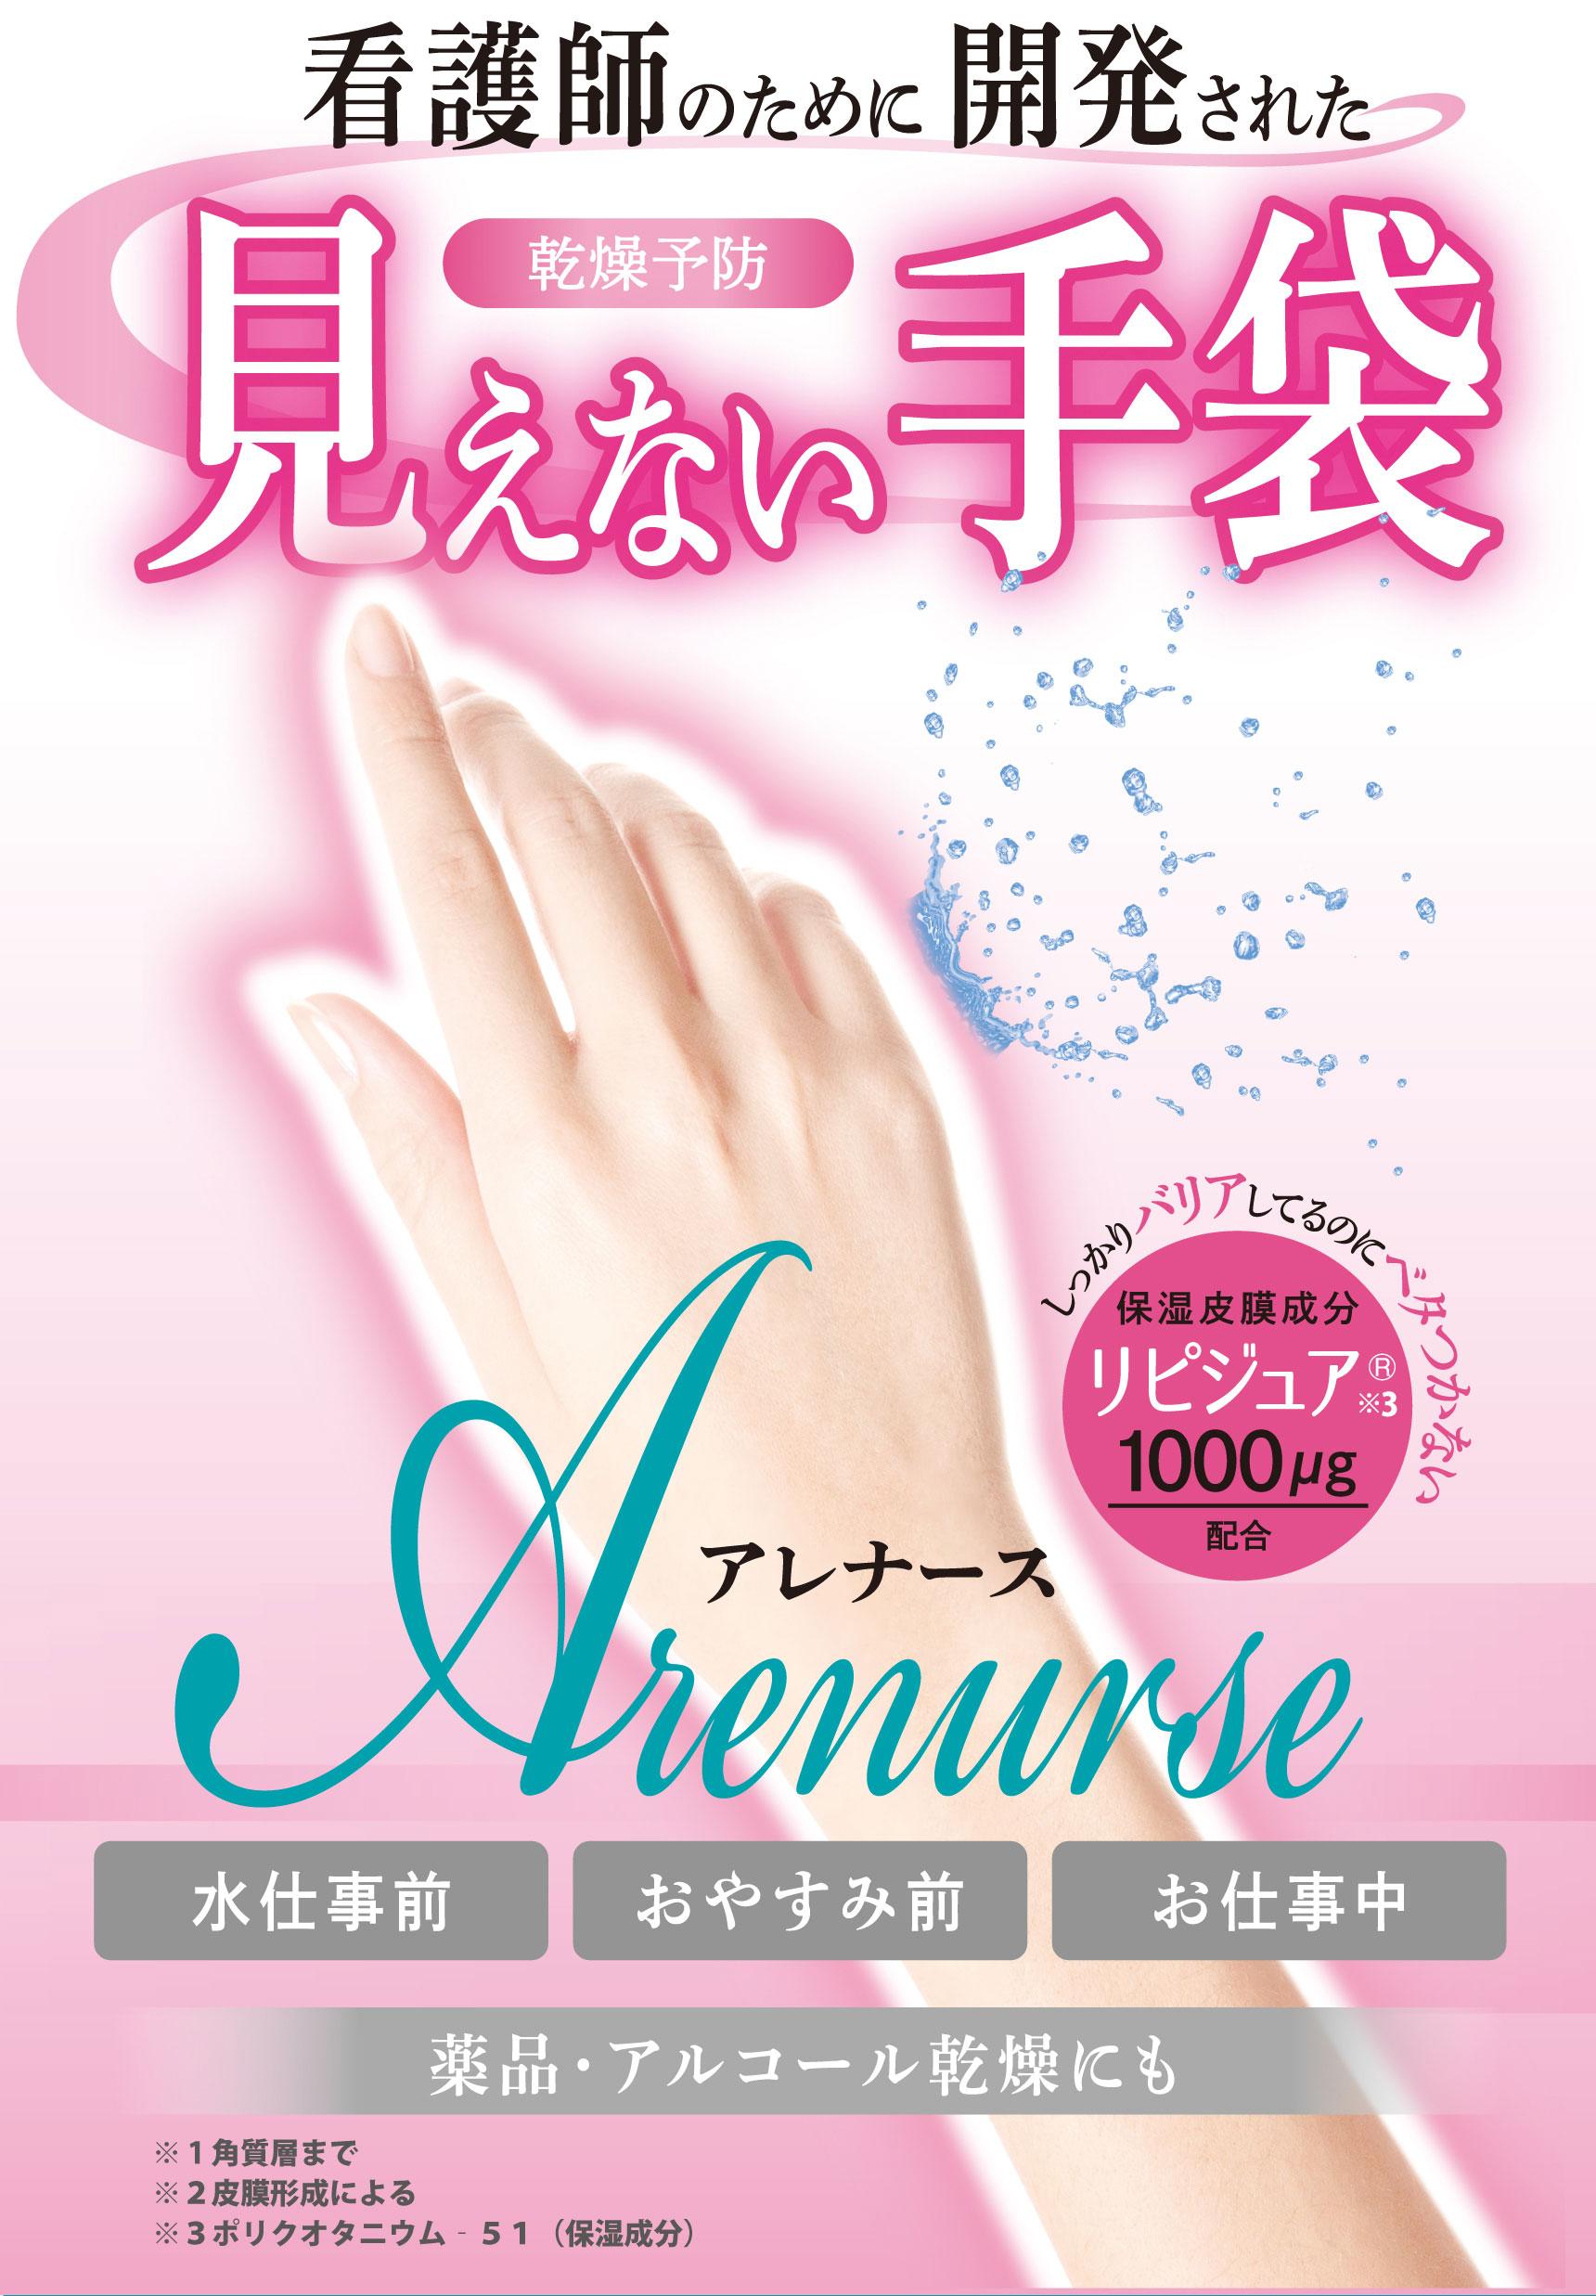 アレナース Arenurse 看護師のために開発された見えない手袋 乾燥予防 水仕事前・おやすみ前・お仕事中 薬品・アルコール乾燥にも *1角質層まで *2皮膜形成による *3ポリクオタニウム-51(保湿成分)